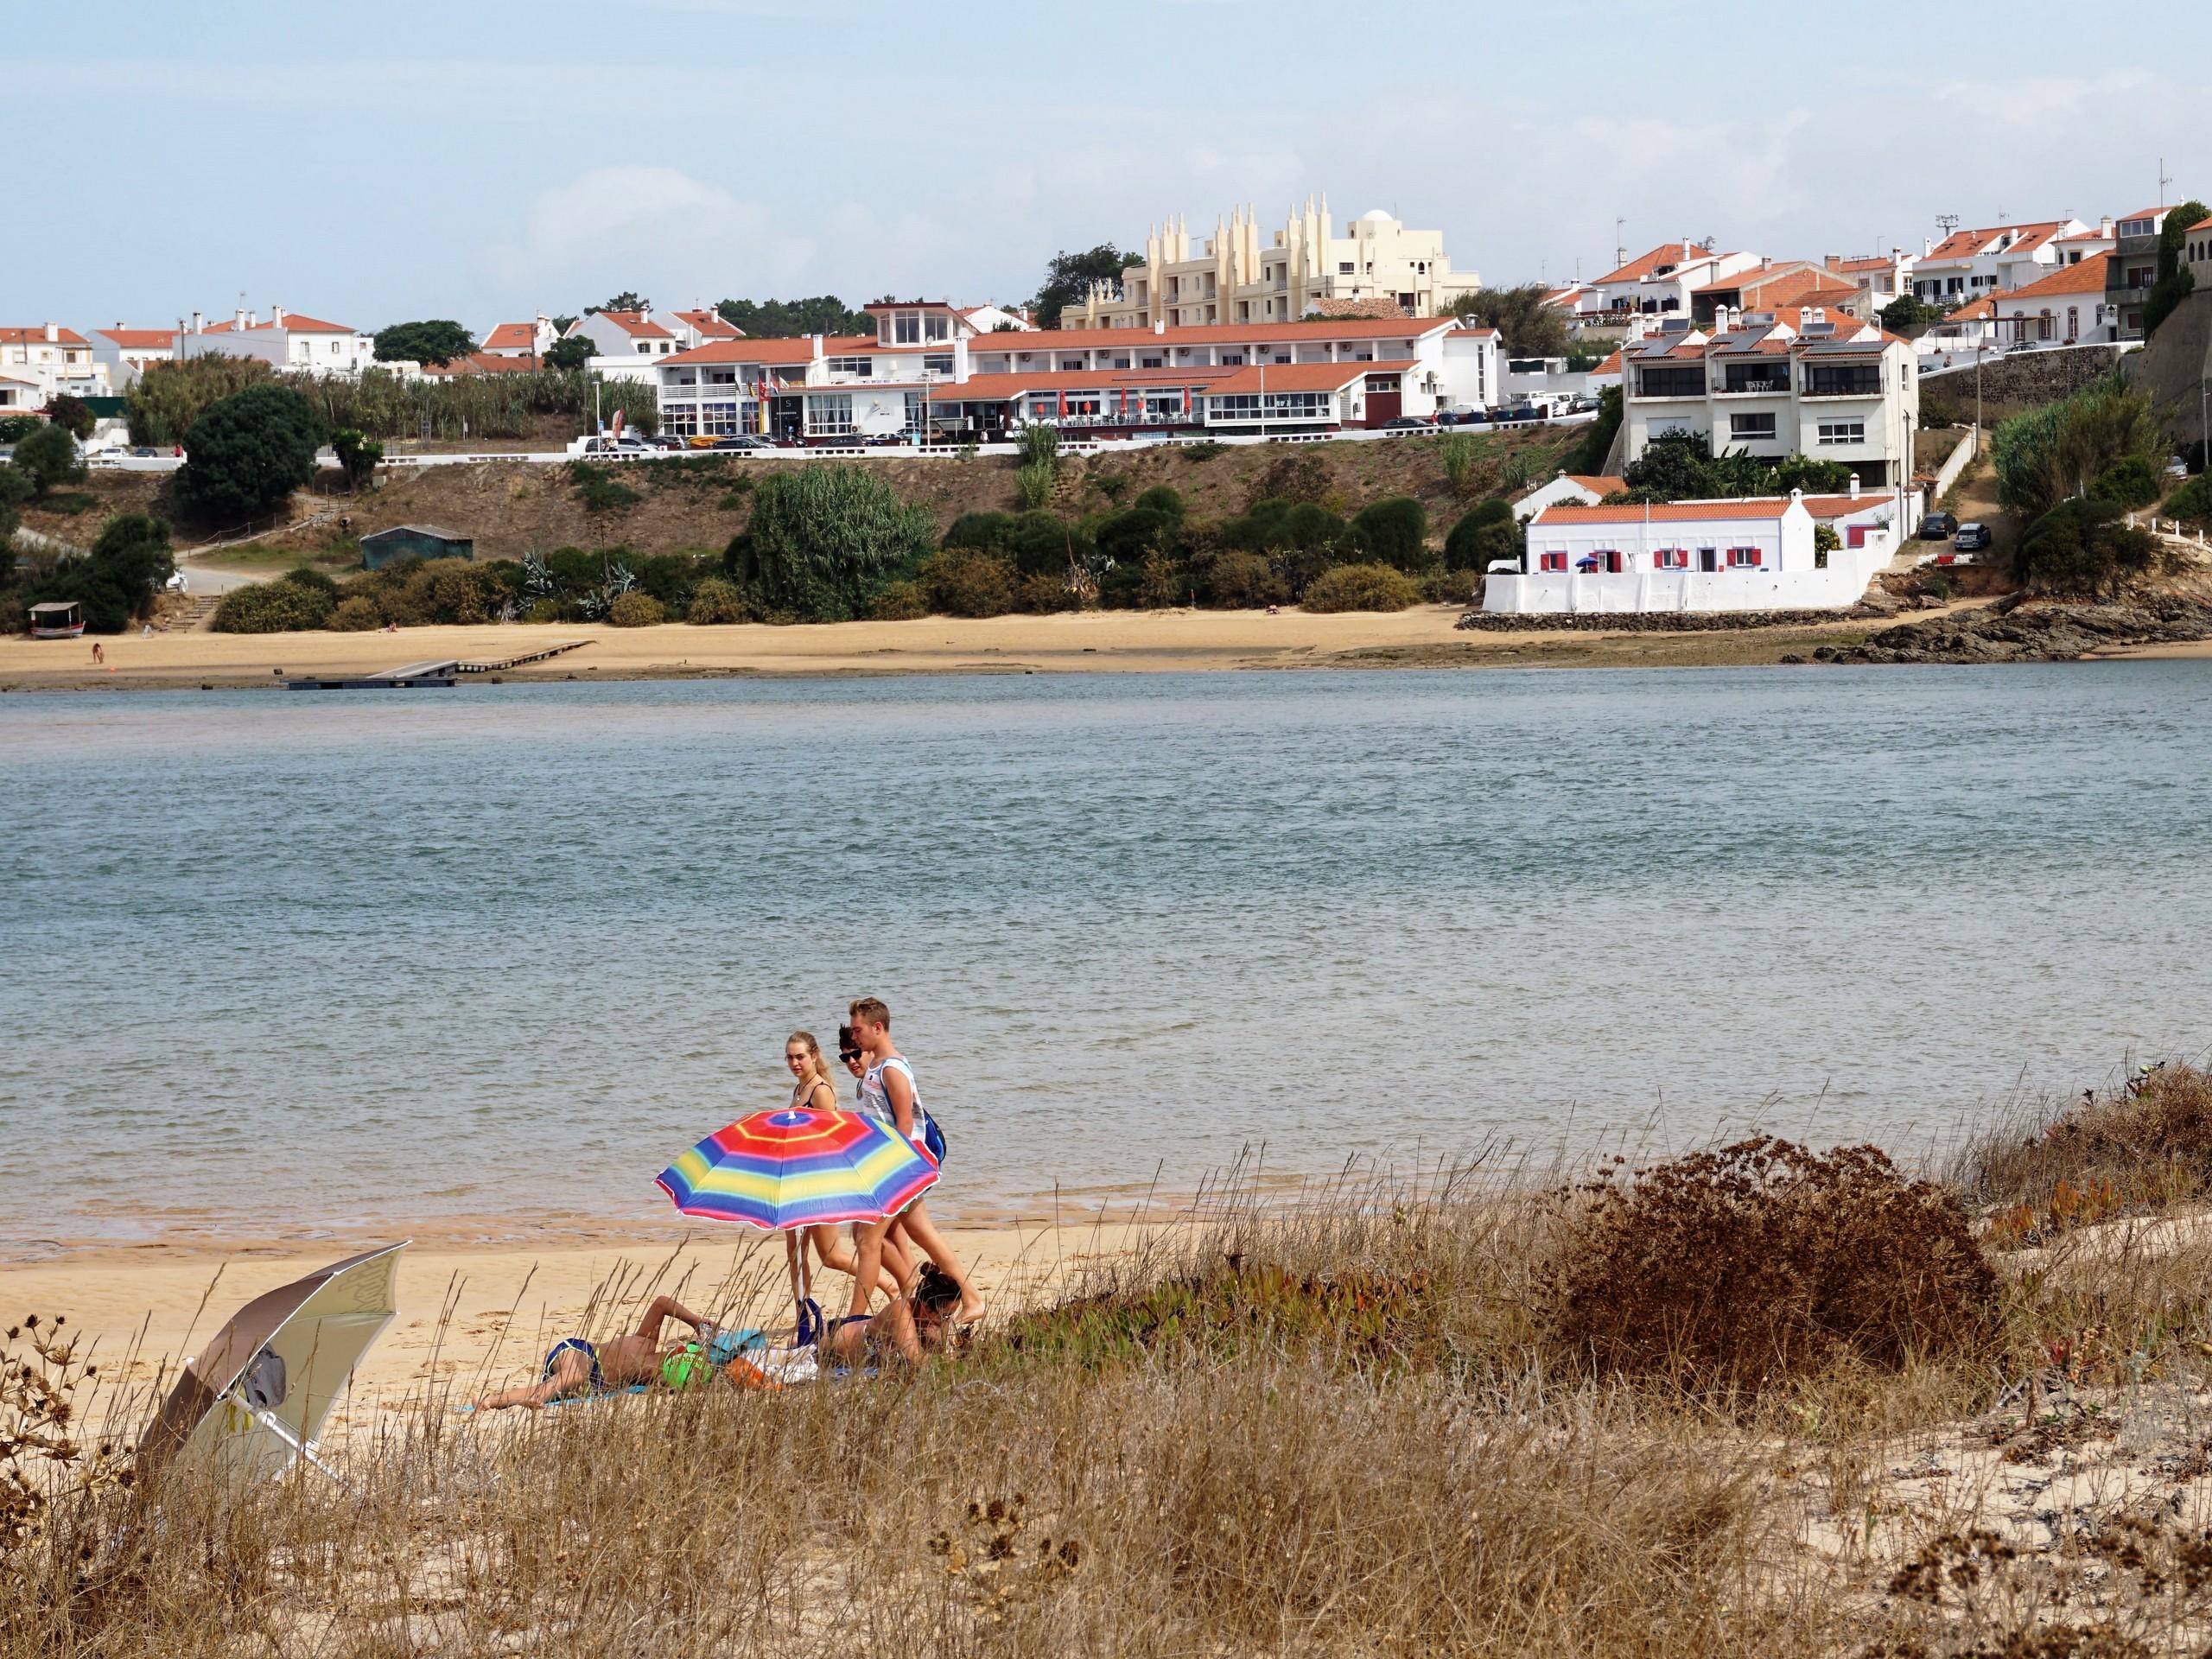 Vilanova beach in Portugal